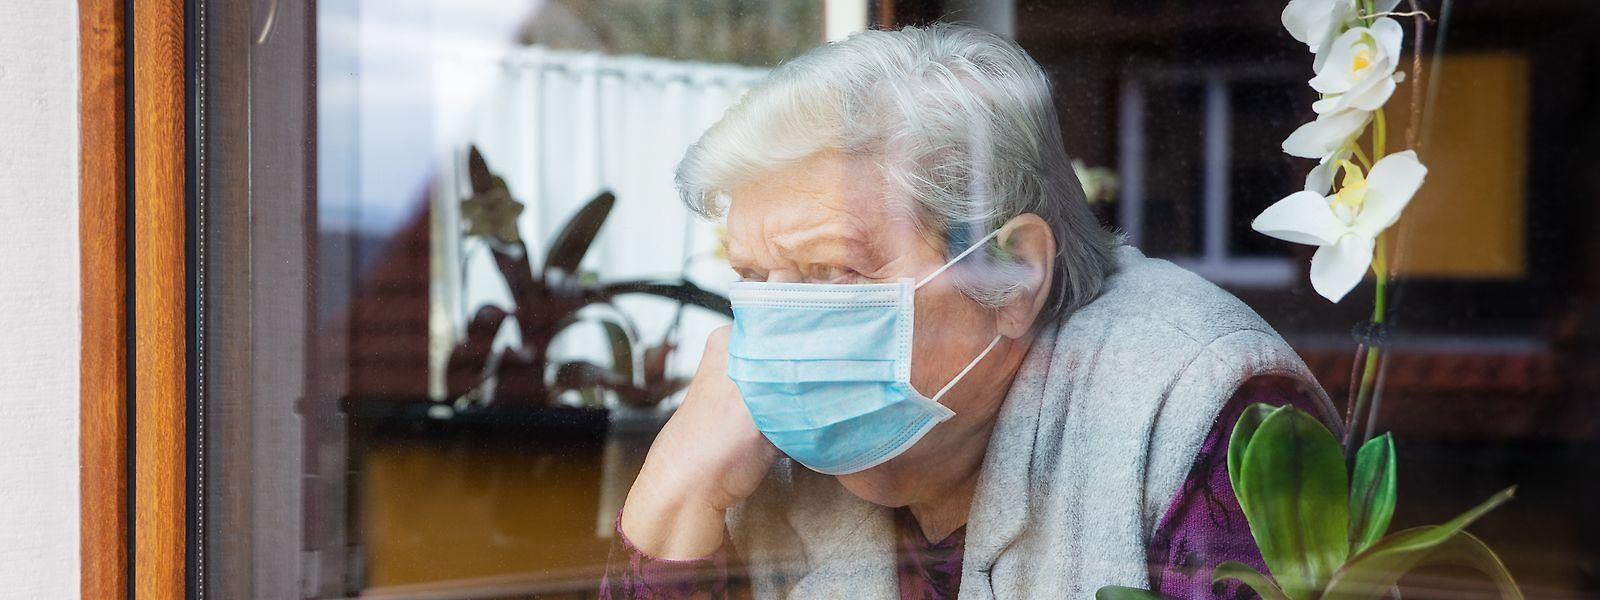 Les résidents pourront sortir des maisons de retraite 14 jours après l'injection de la deuxième dose de vaccin.